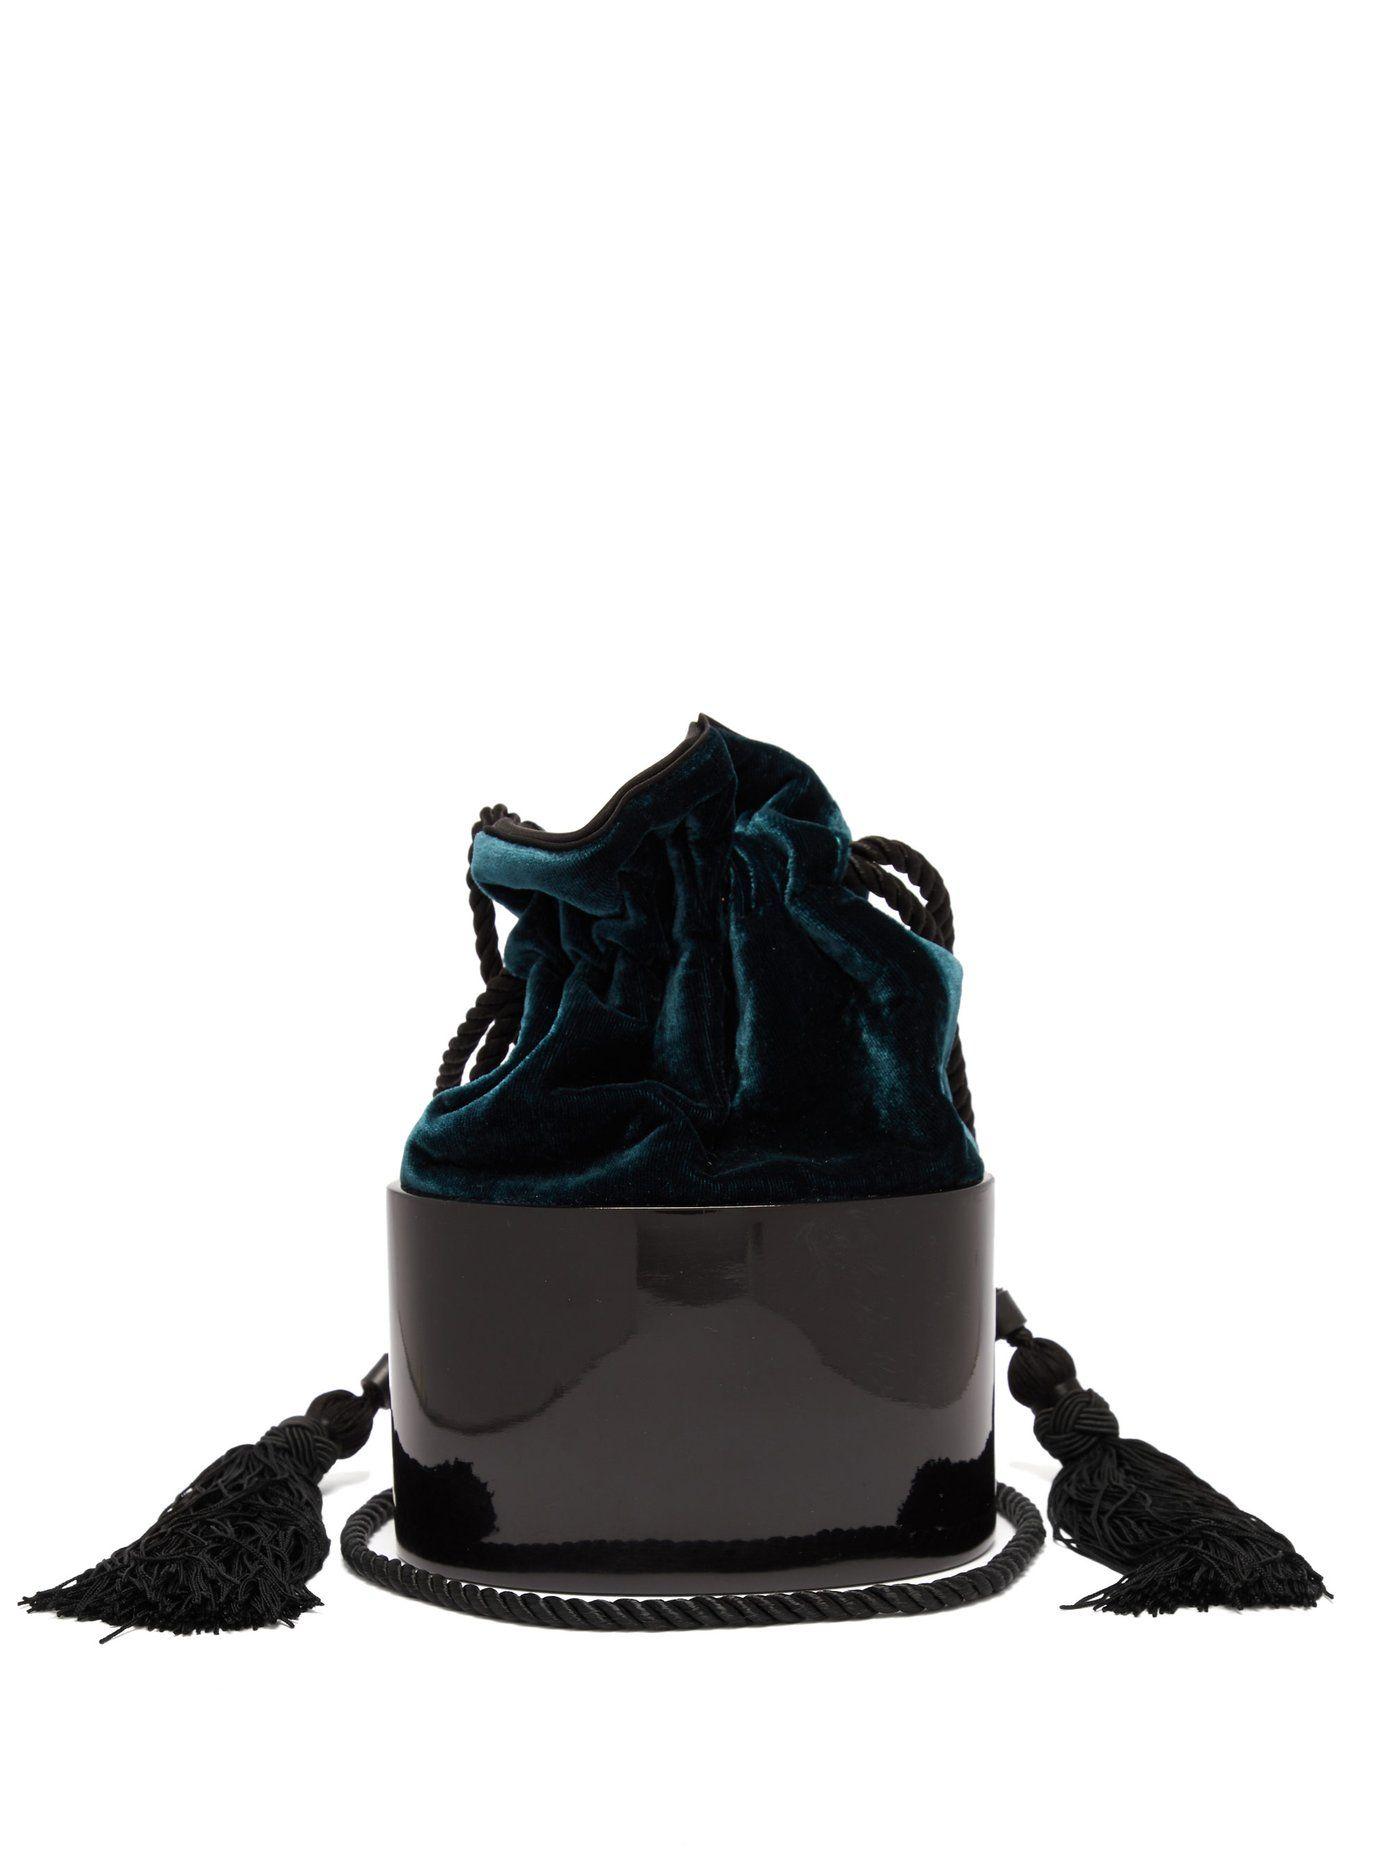 53138f04091b Lola velvet mini clutch bag